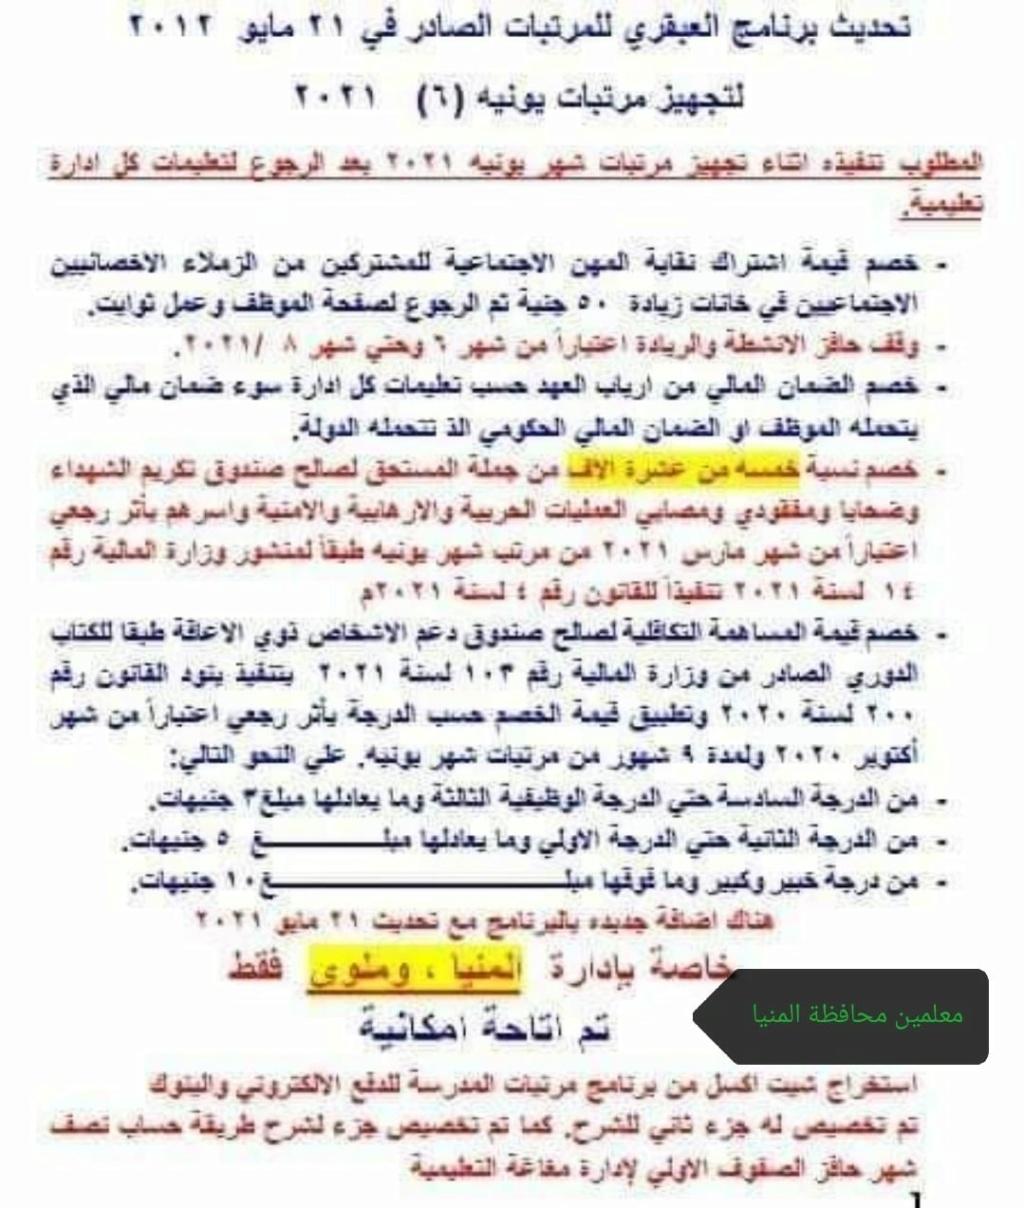 بالارقام.. خصومات مرتبات المعلمين من شهر يونيو  022610